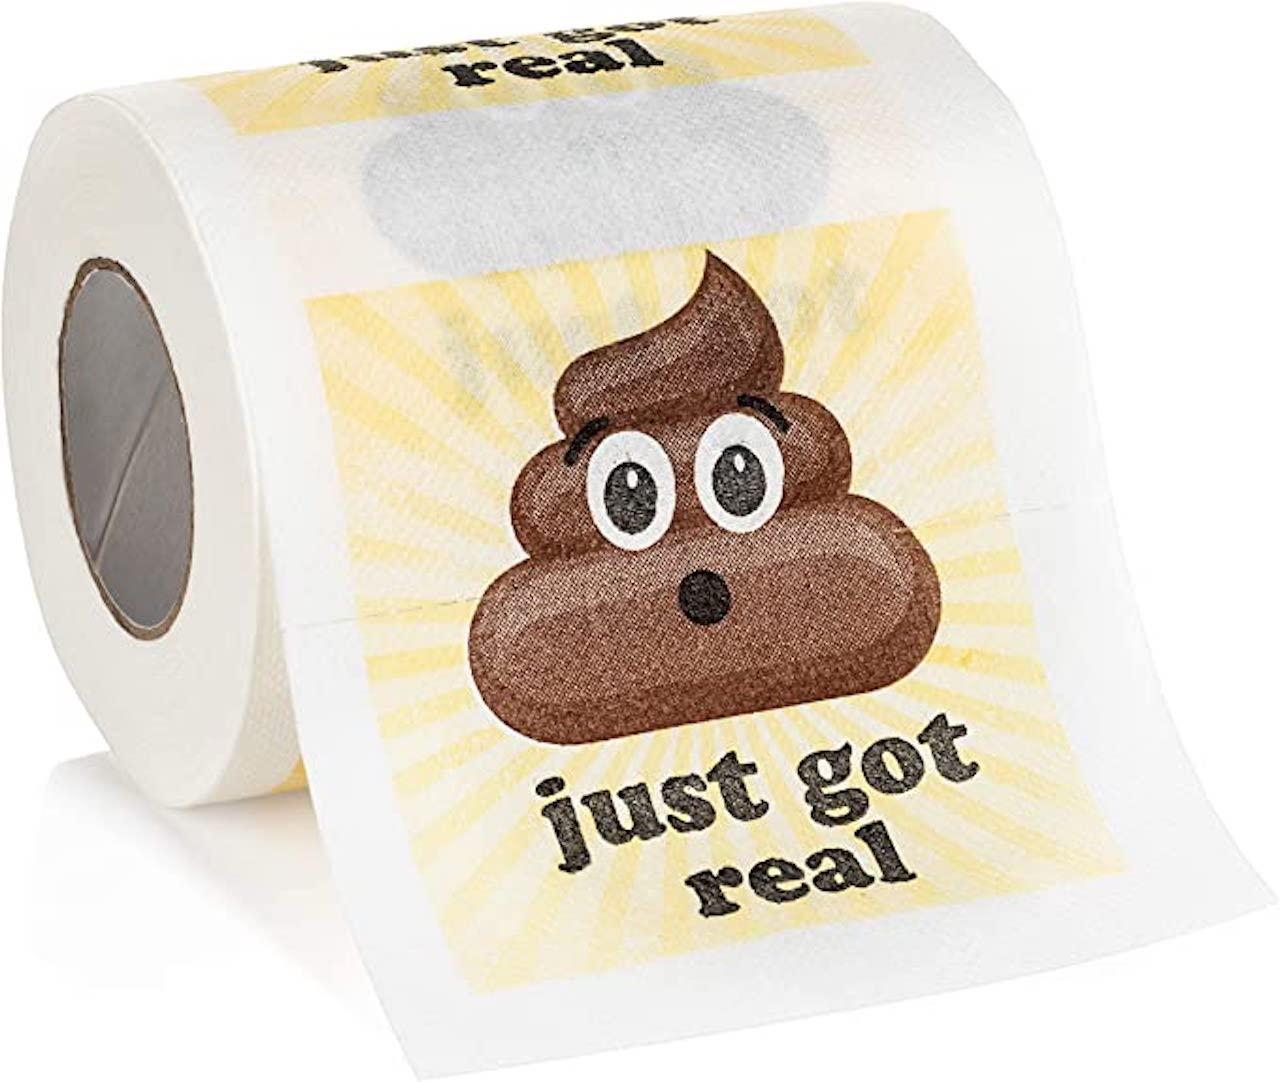 Toilet Paper.jpg